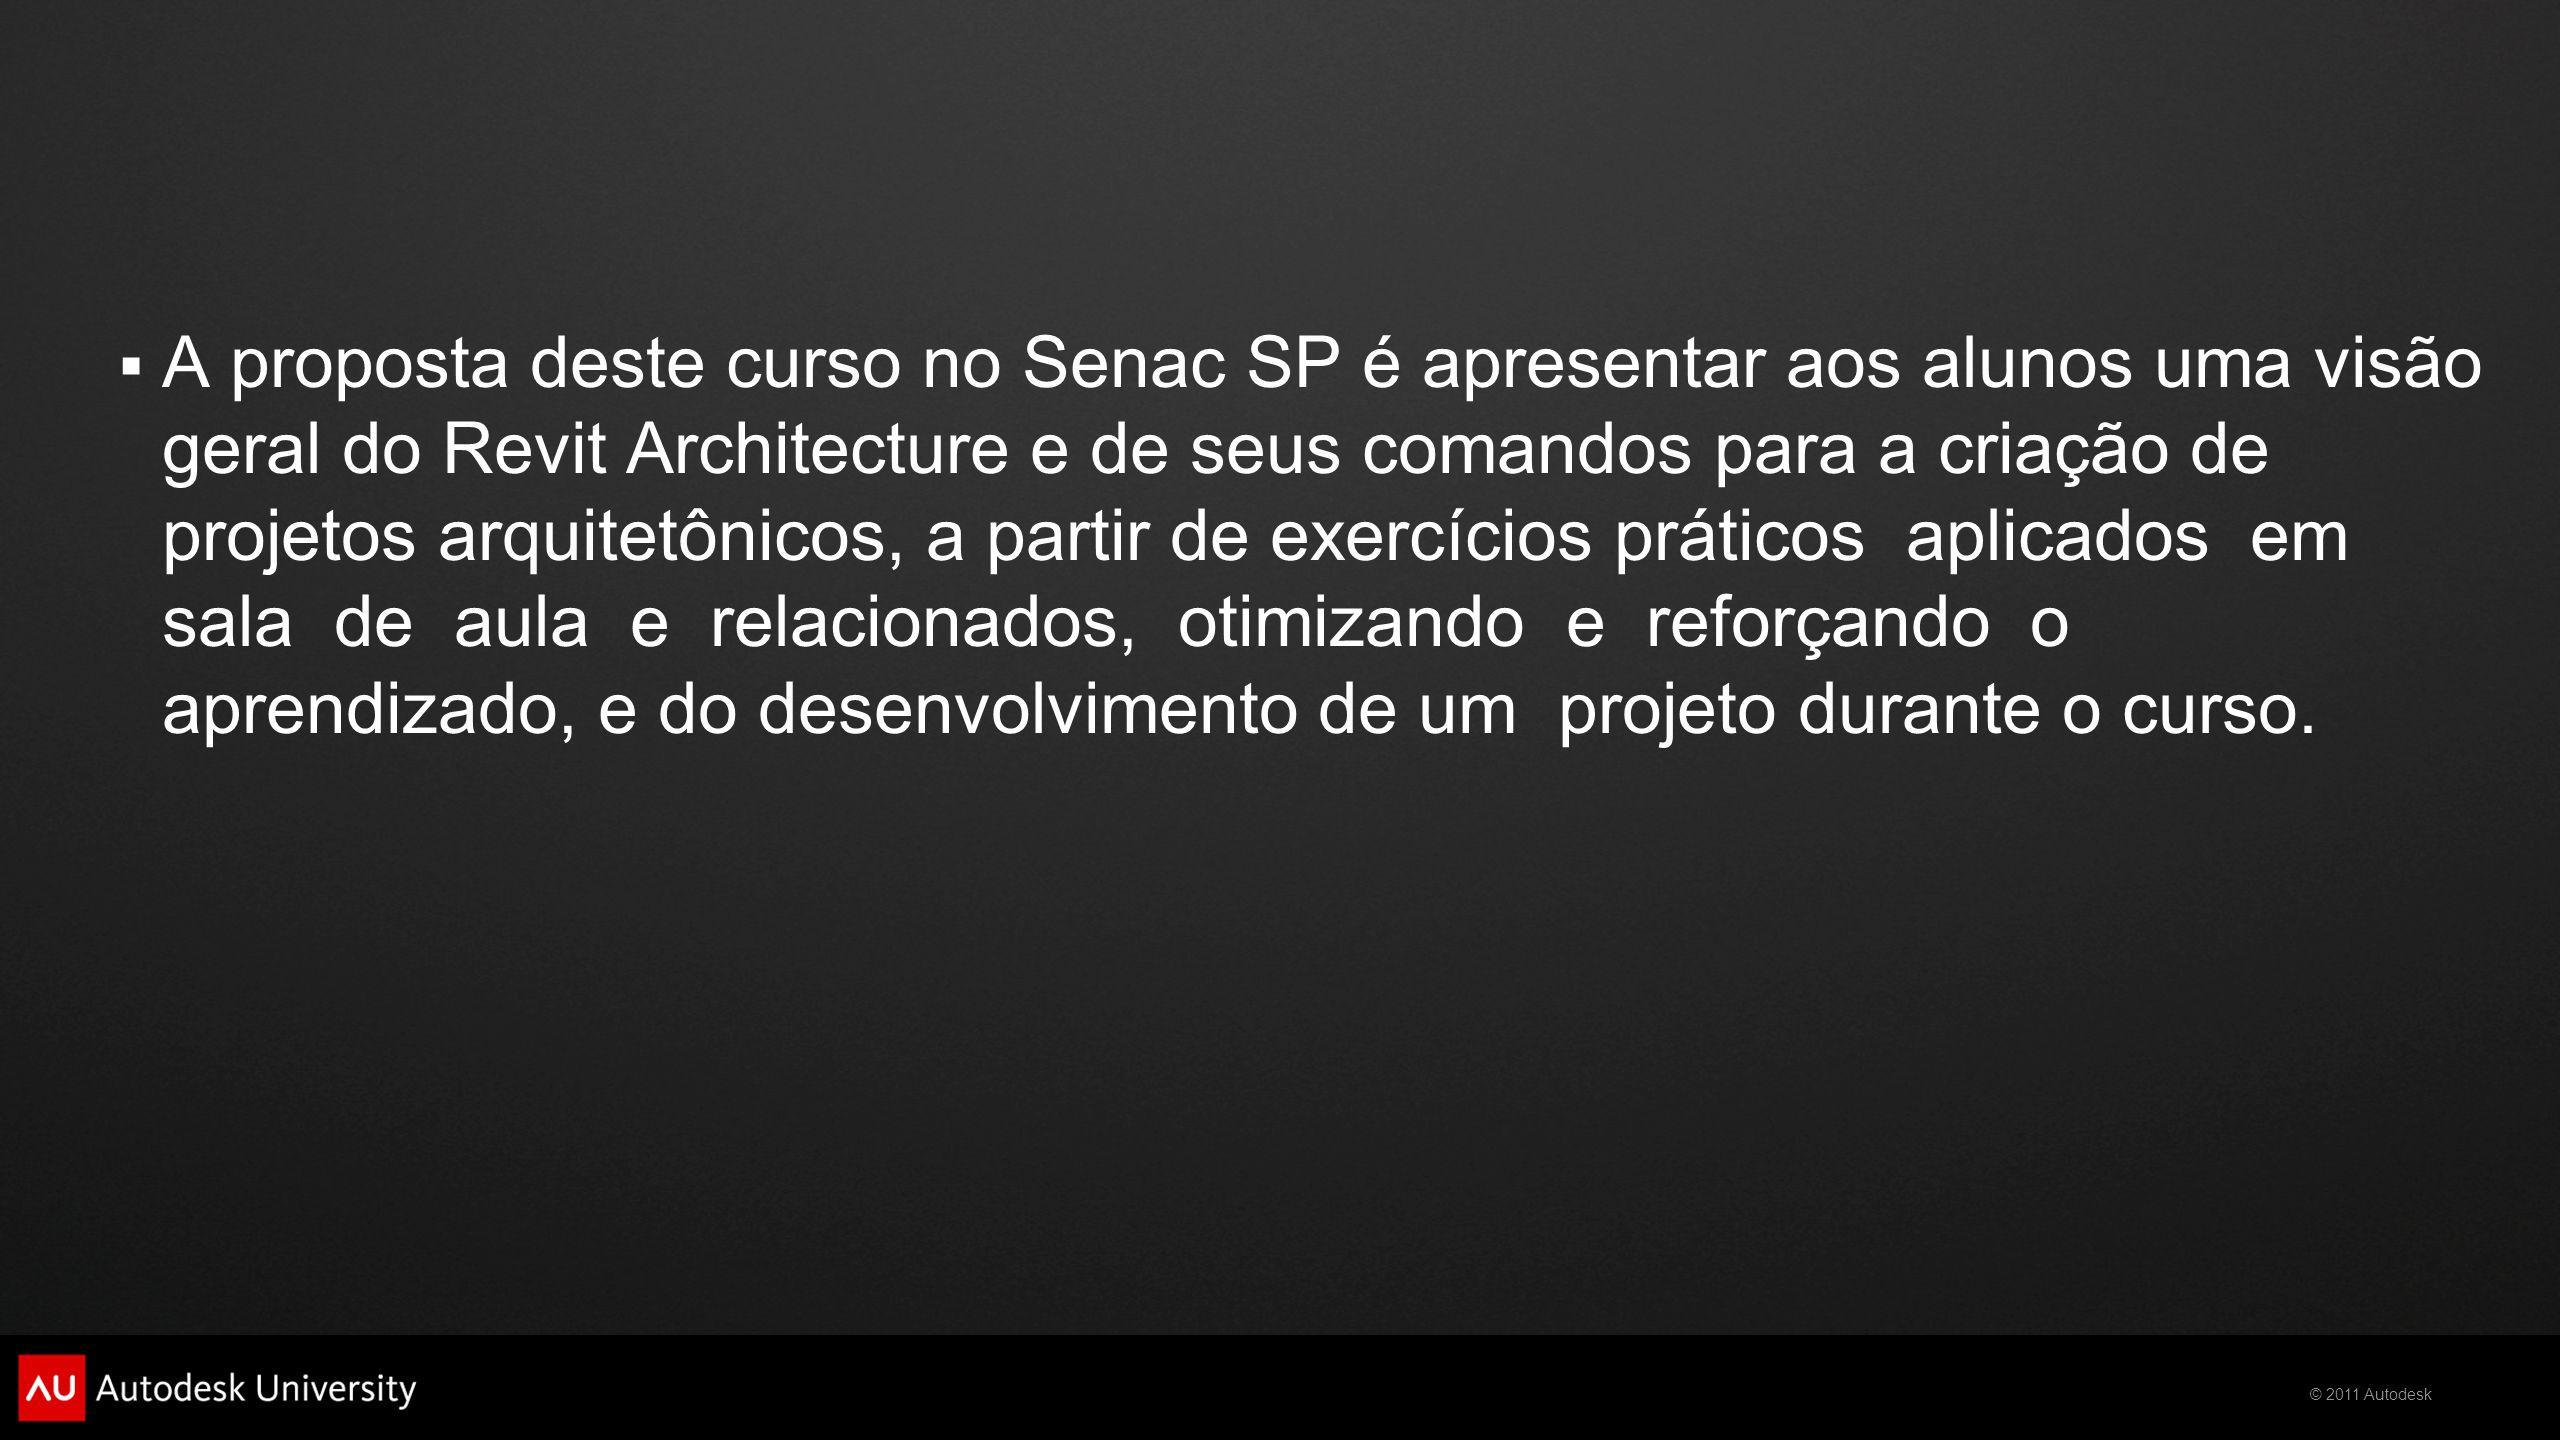 © 2011 Autodesk  A proposta deste curso no Senac SP é apresentar aos alunos uma visão geral do Revit Architecture e de seus comandos para a criação d